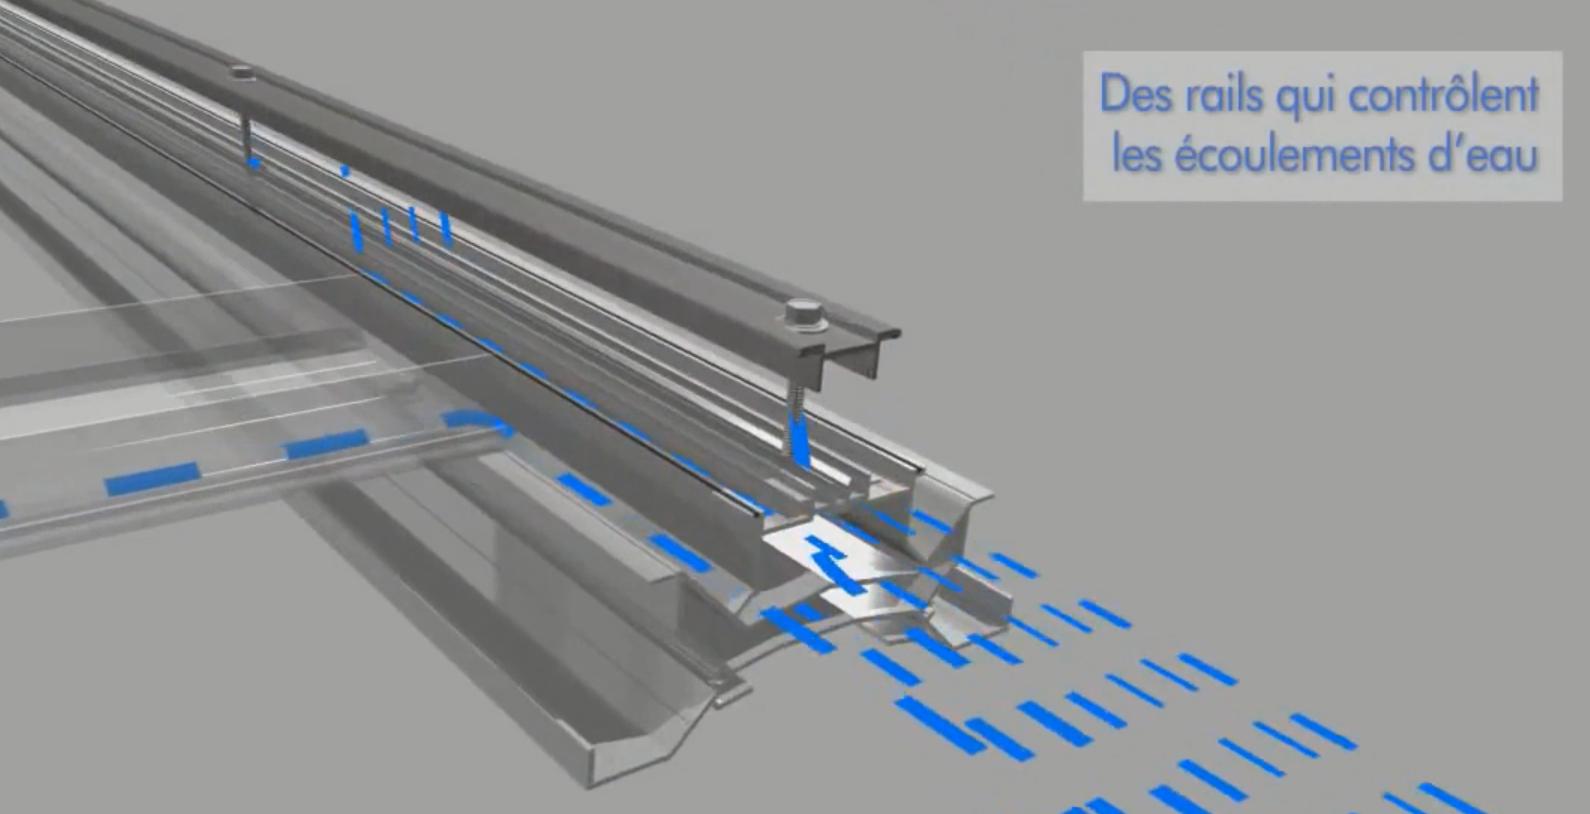 système d'intégration au bâti IAB pour brise-soleil intégré au bâti